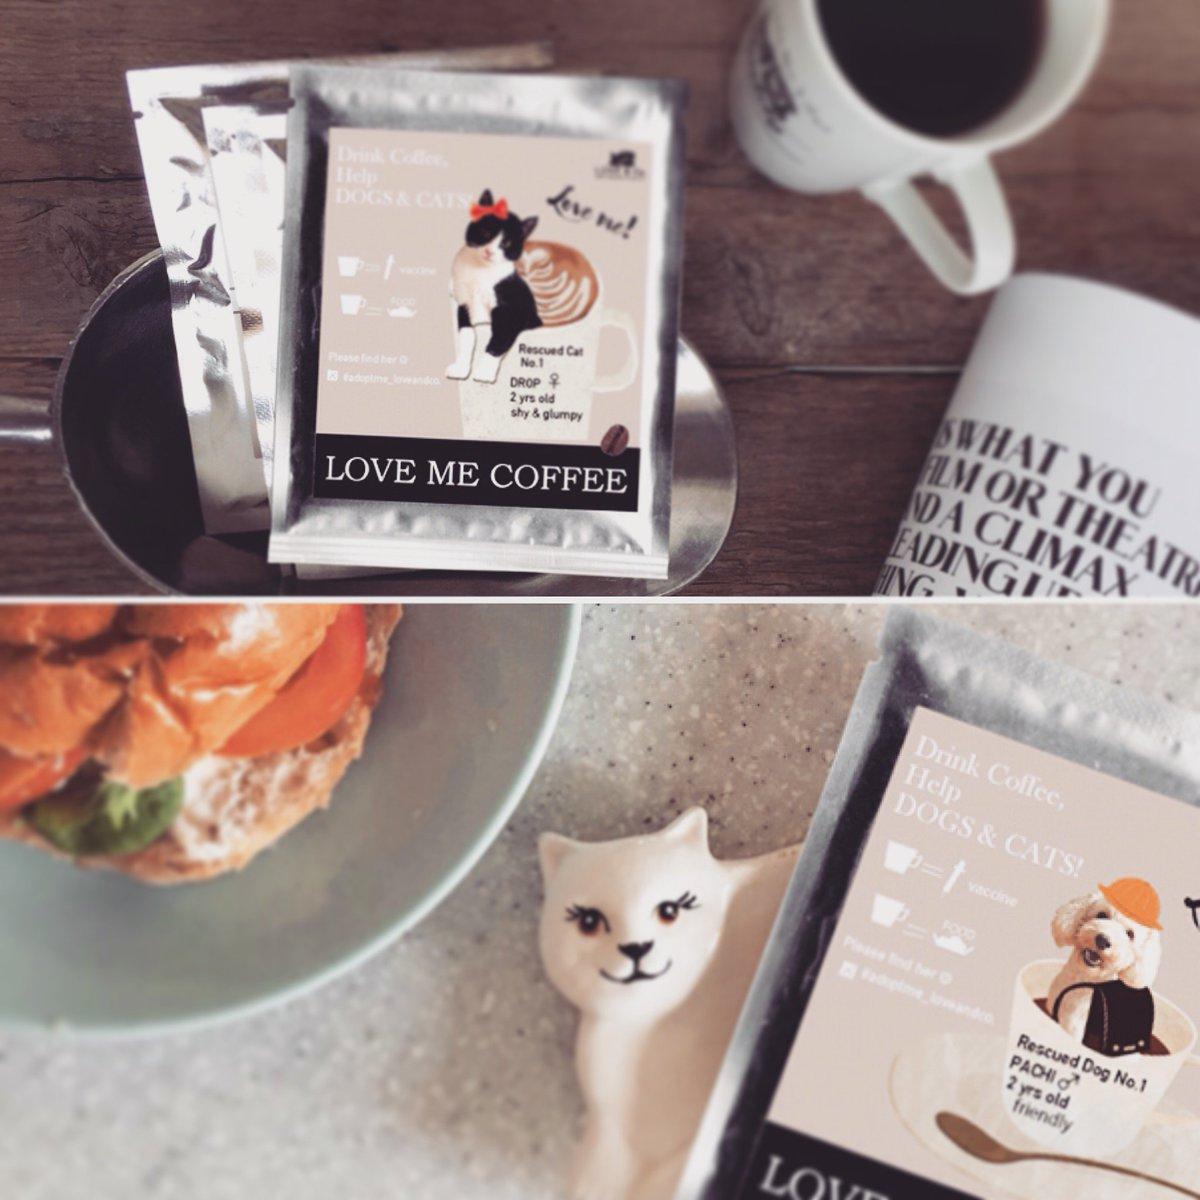 """【新着◎コーヒーを飲んでイヌネコを救おう!】 飼い主のいない """"いぬ・ねこ""""達の医療費やご飯や維持費を集めたい!動物を守る犬猫プロジェクトです♩ https://t.co/c0lAXHqurW https://t.co/8CeA1AiSra"""